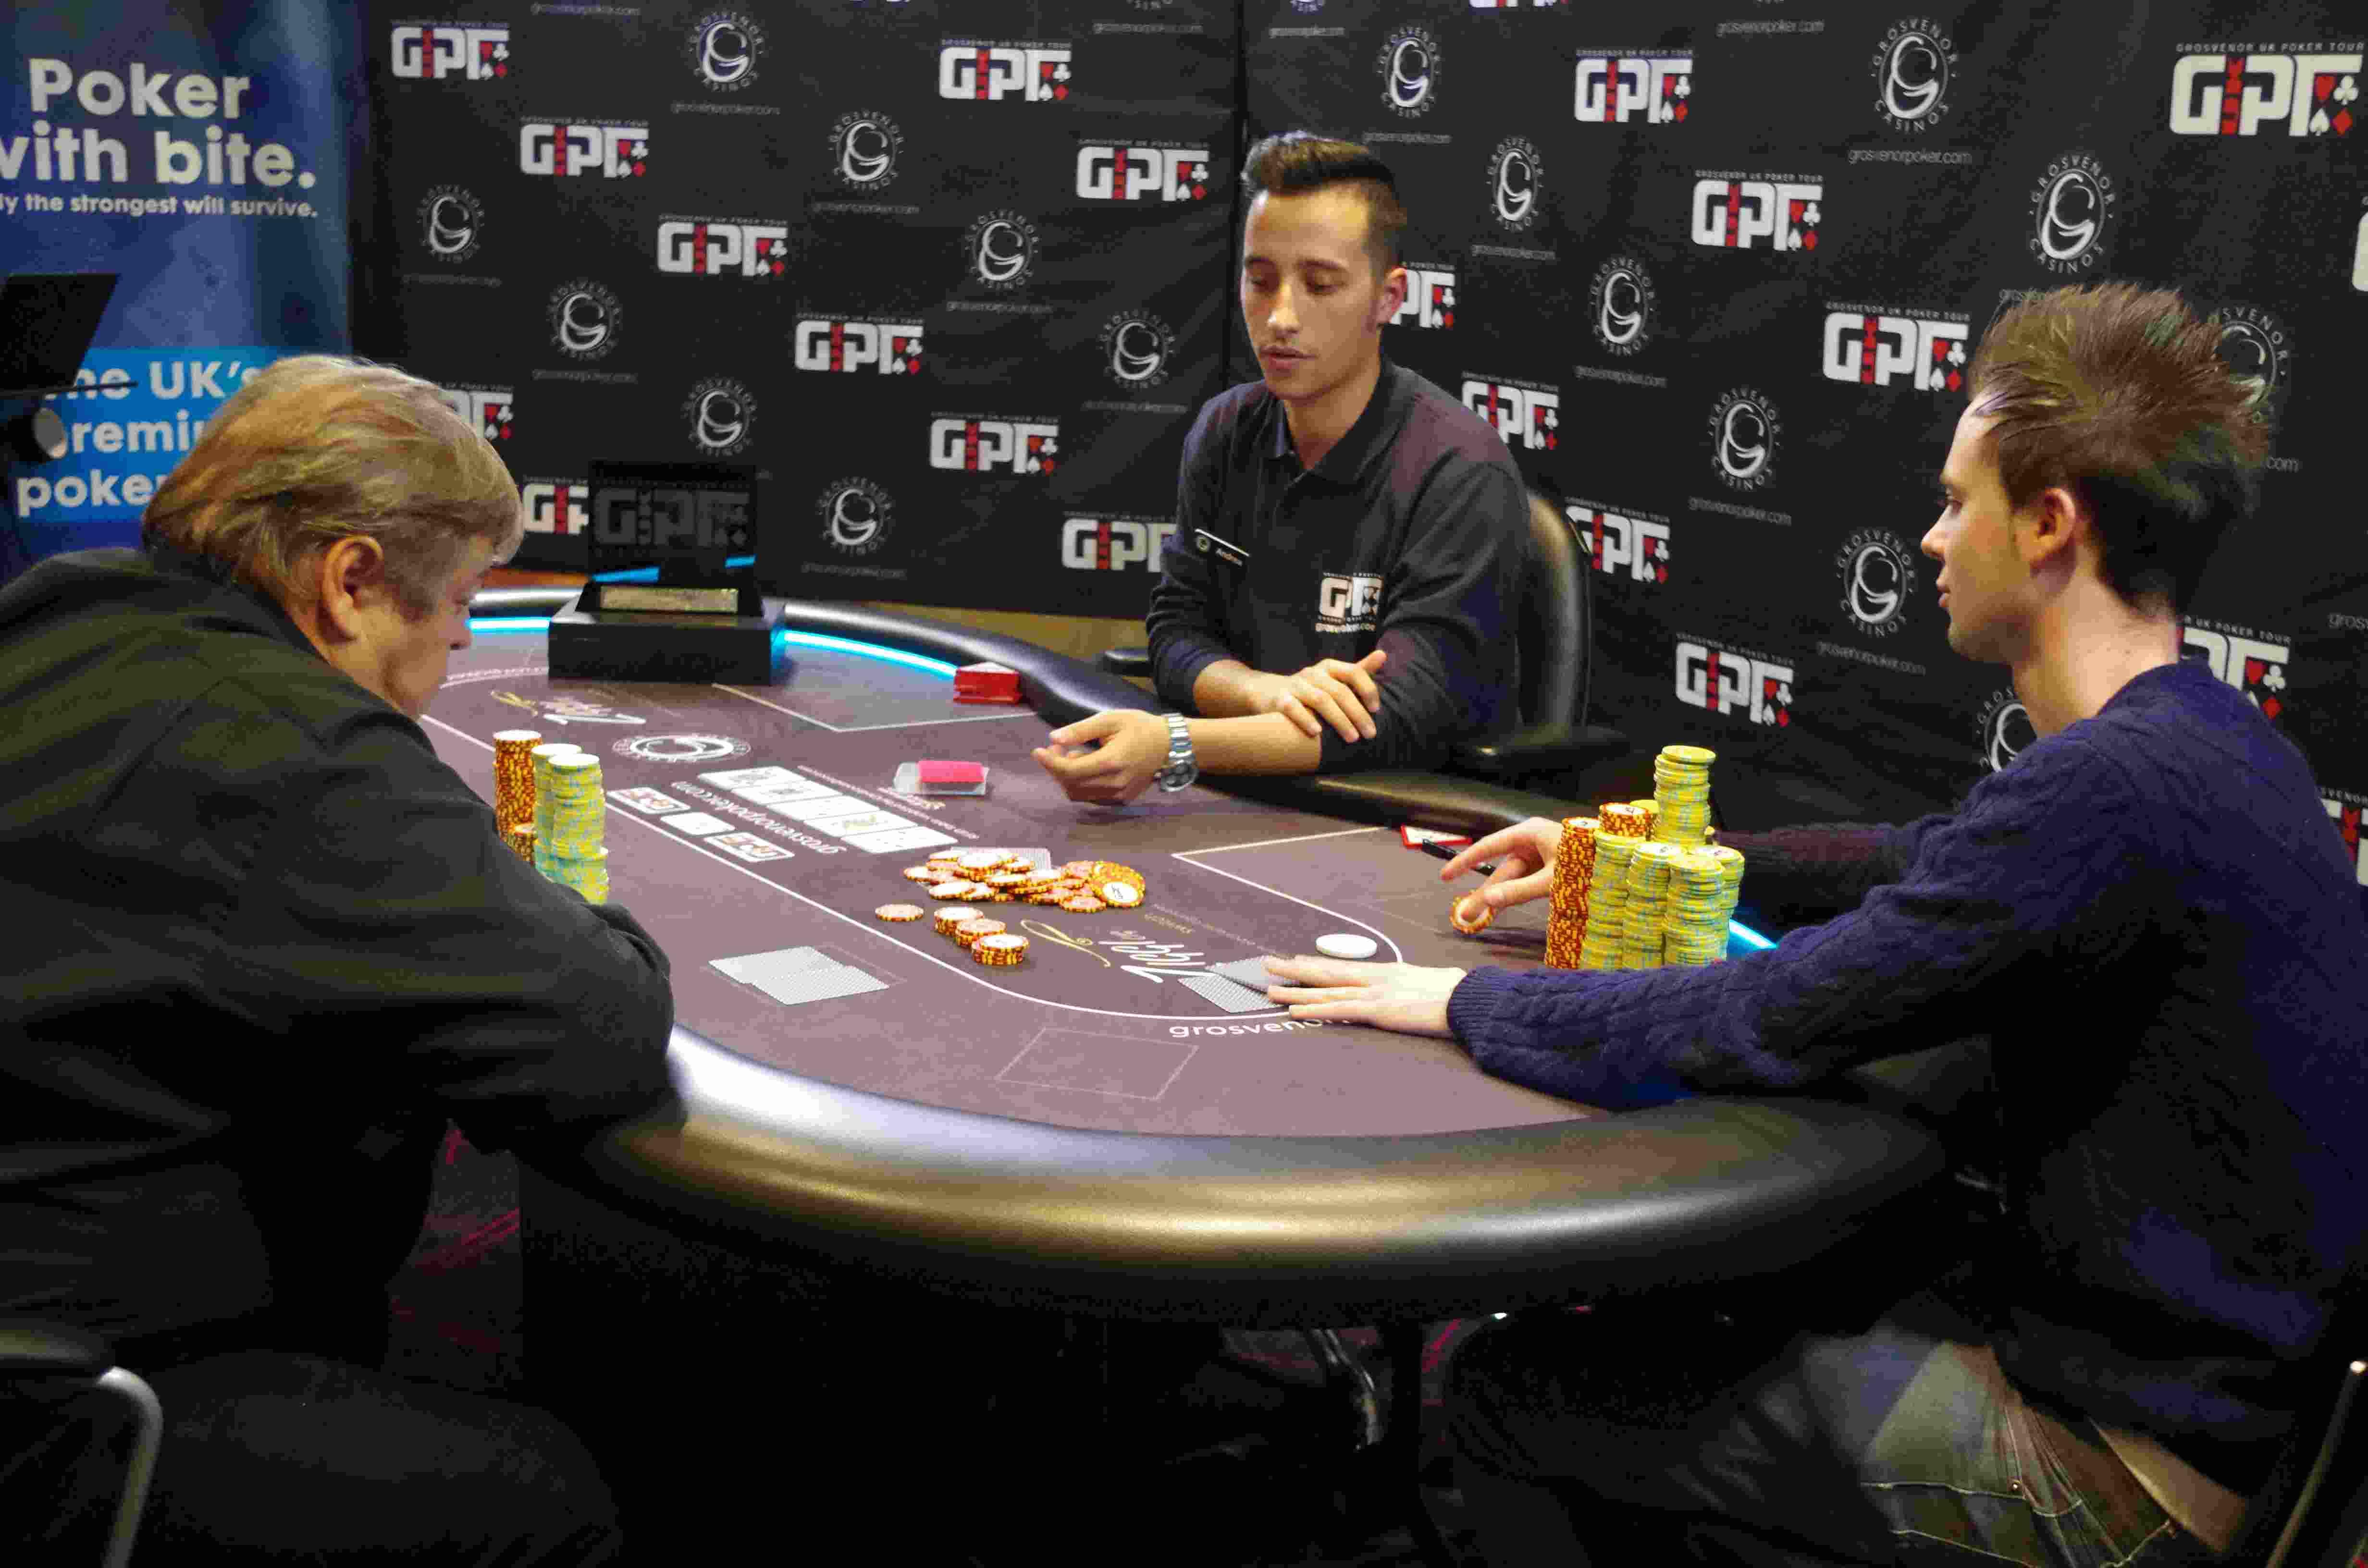 Gokkasten online casino spellen nieuws